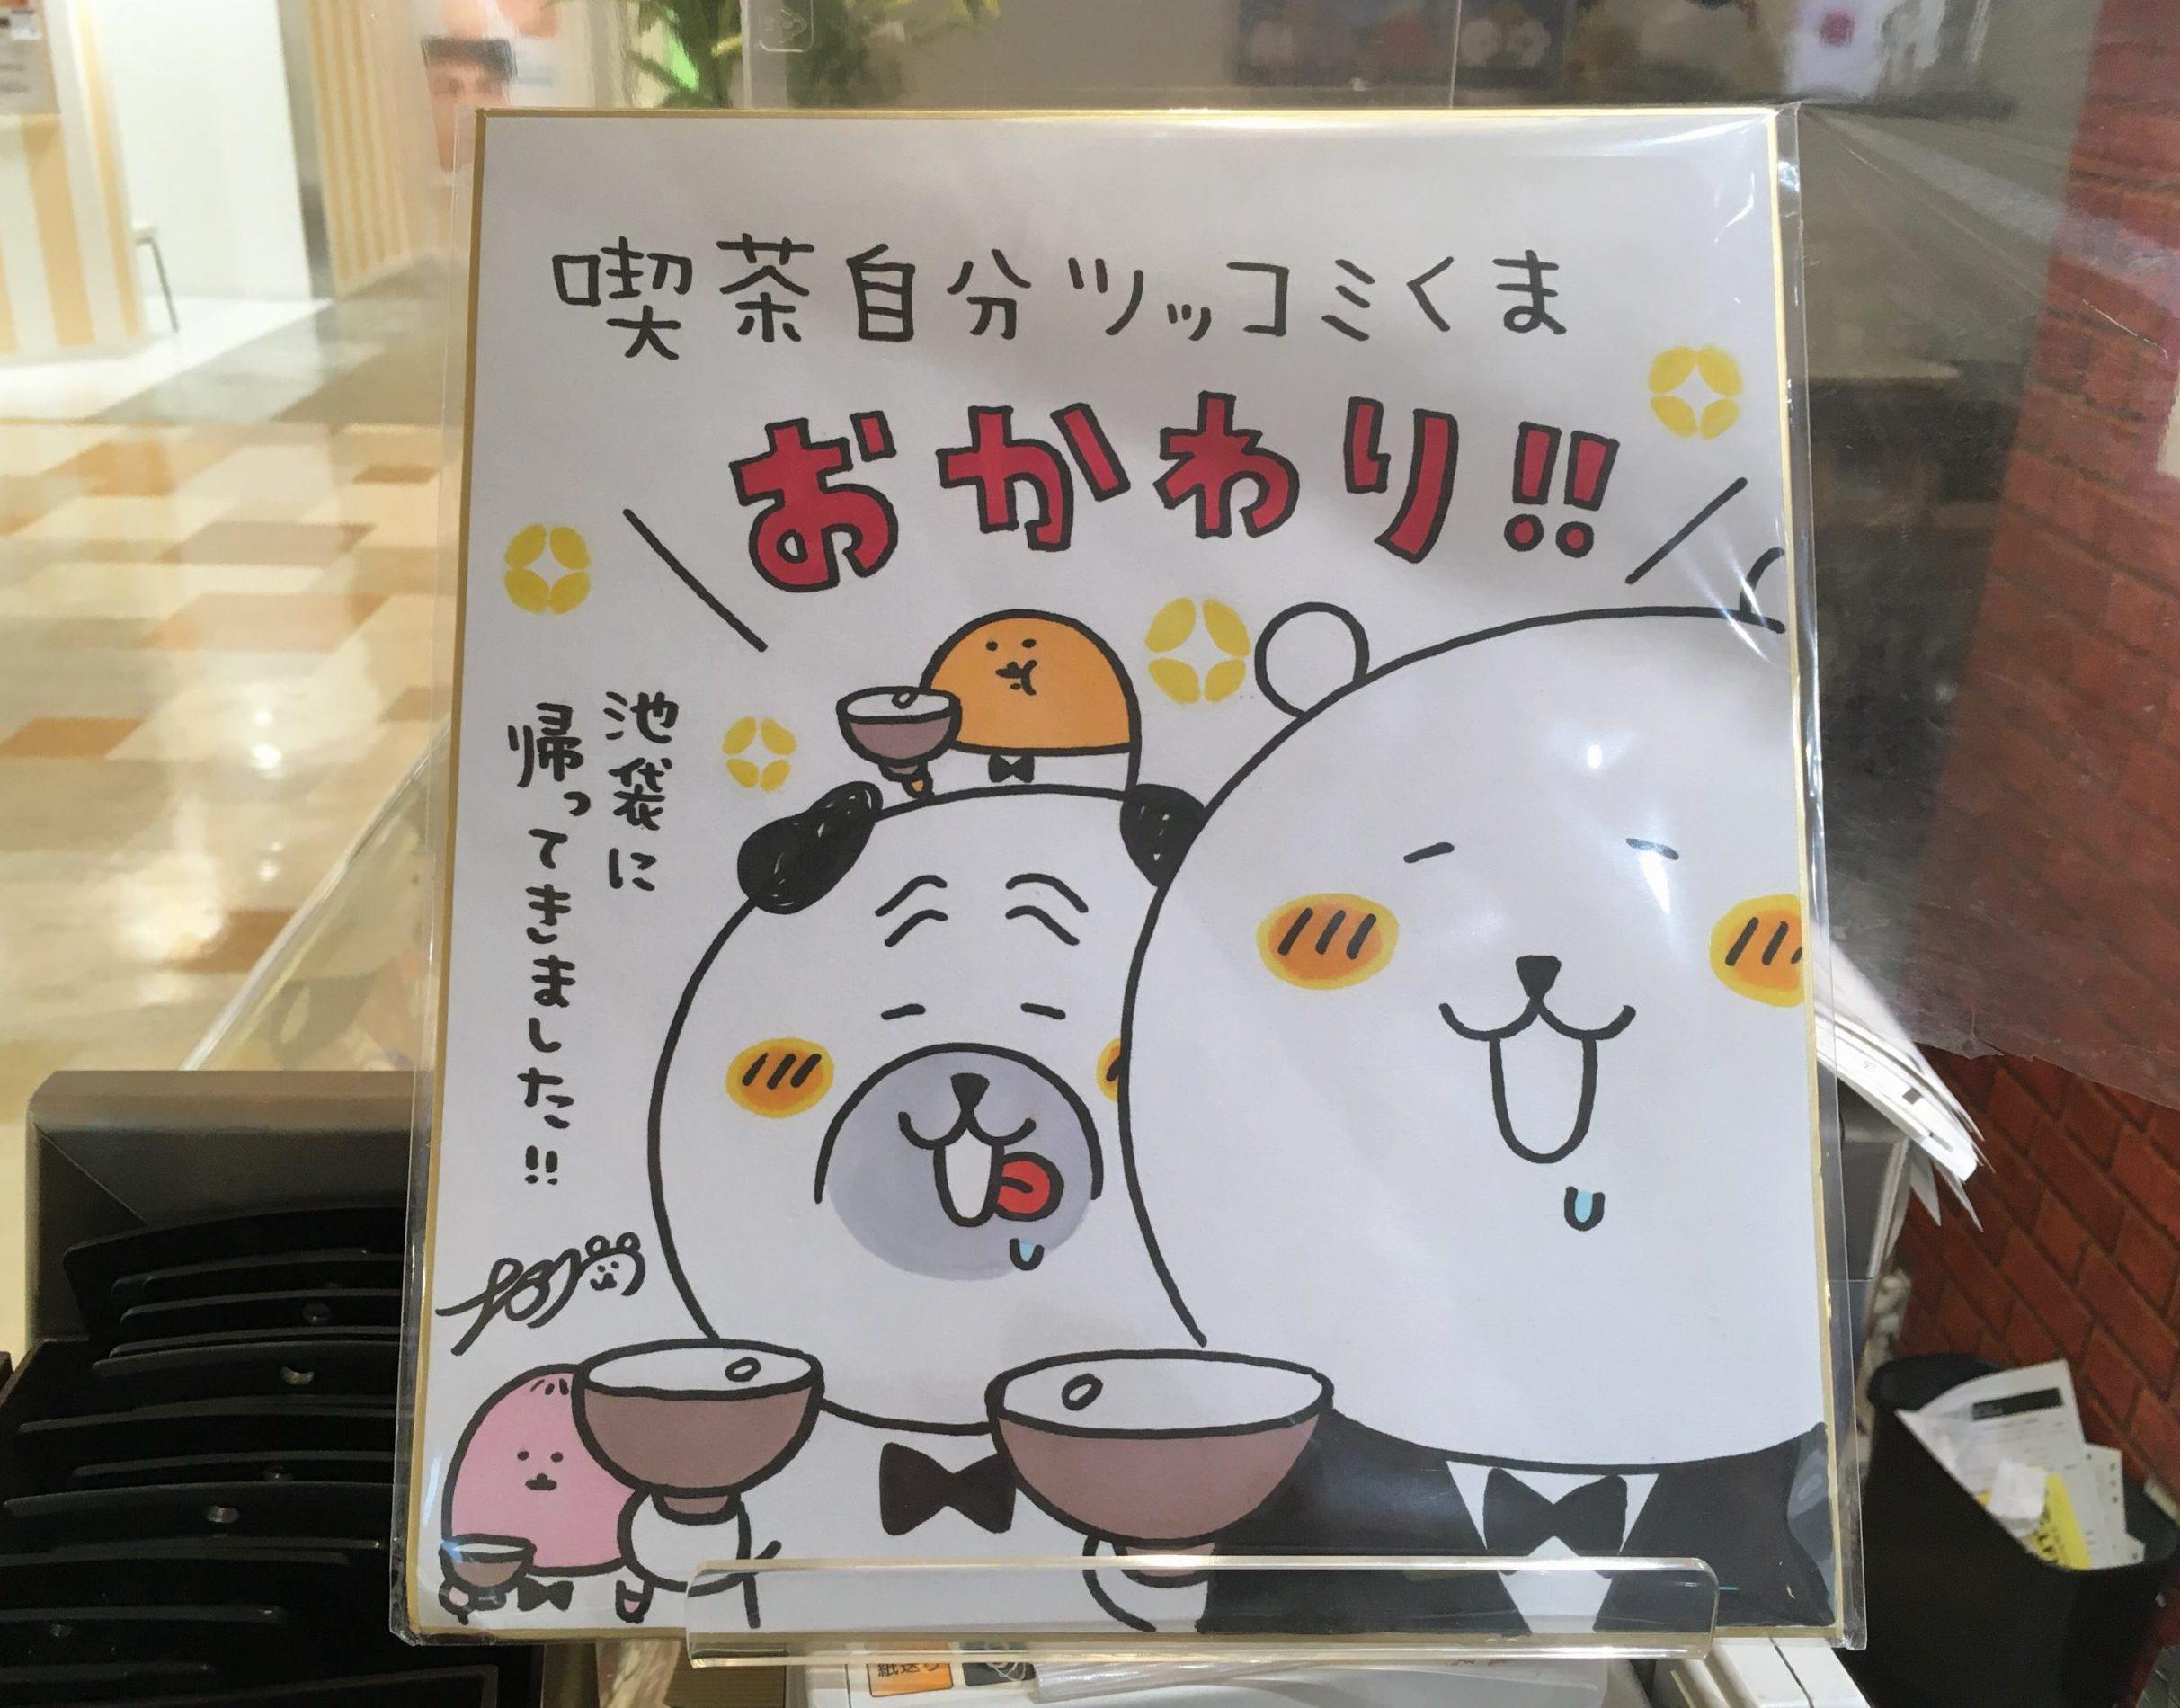 喫茶自分ツッコミくまCAFE&BARおかわり!!の店頭に置かれているナガノさんの色紙